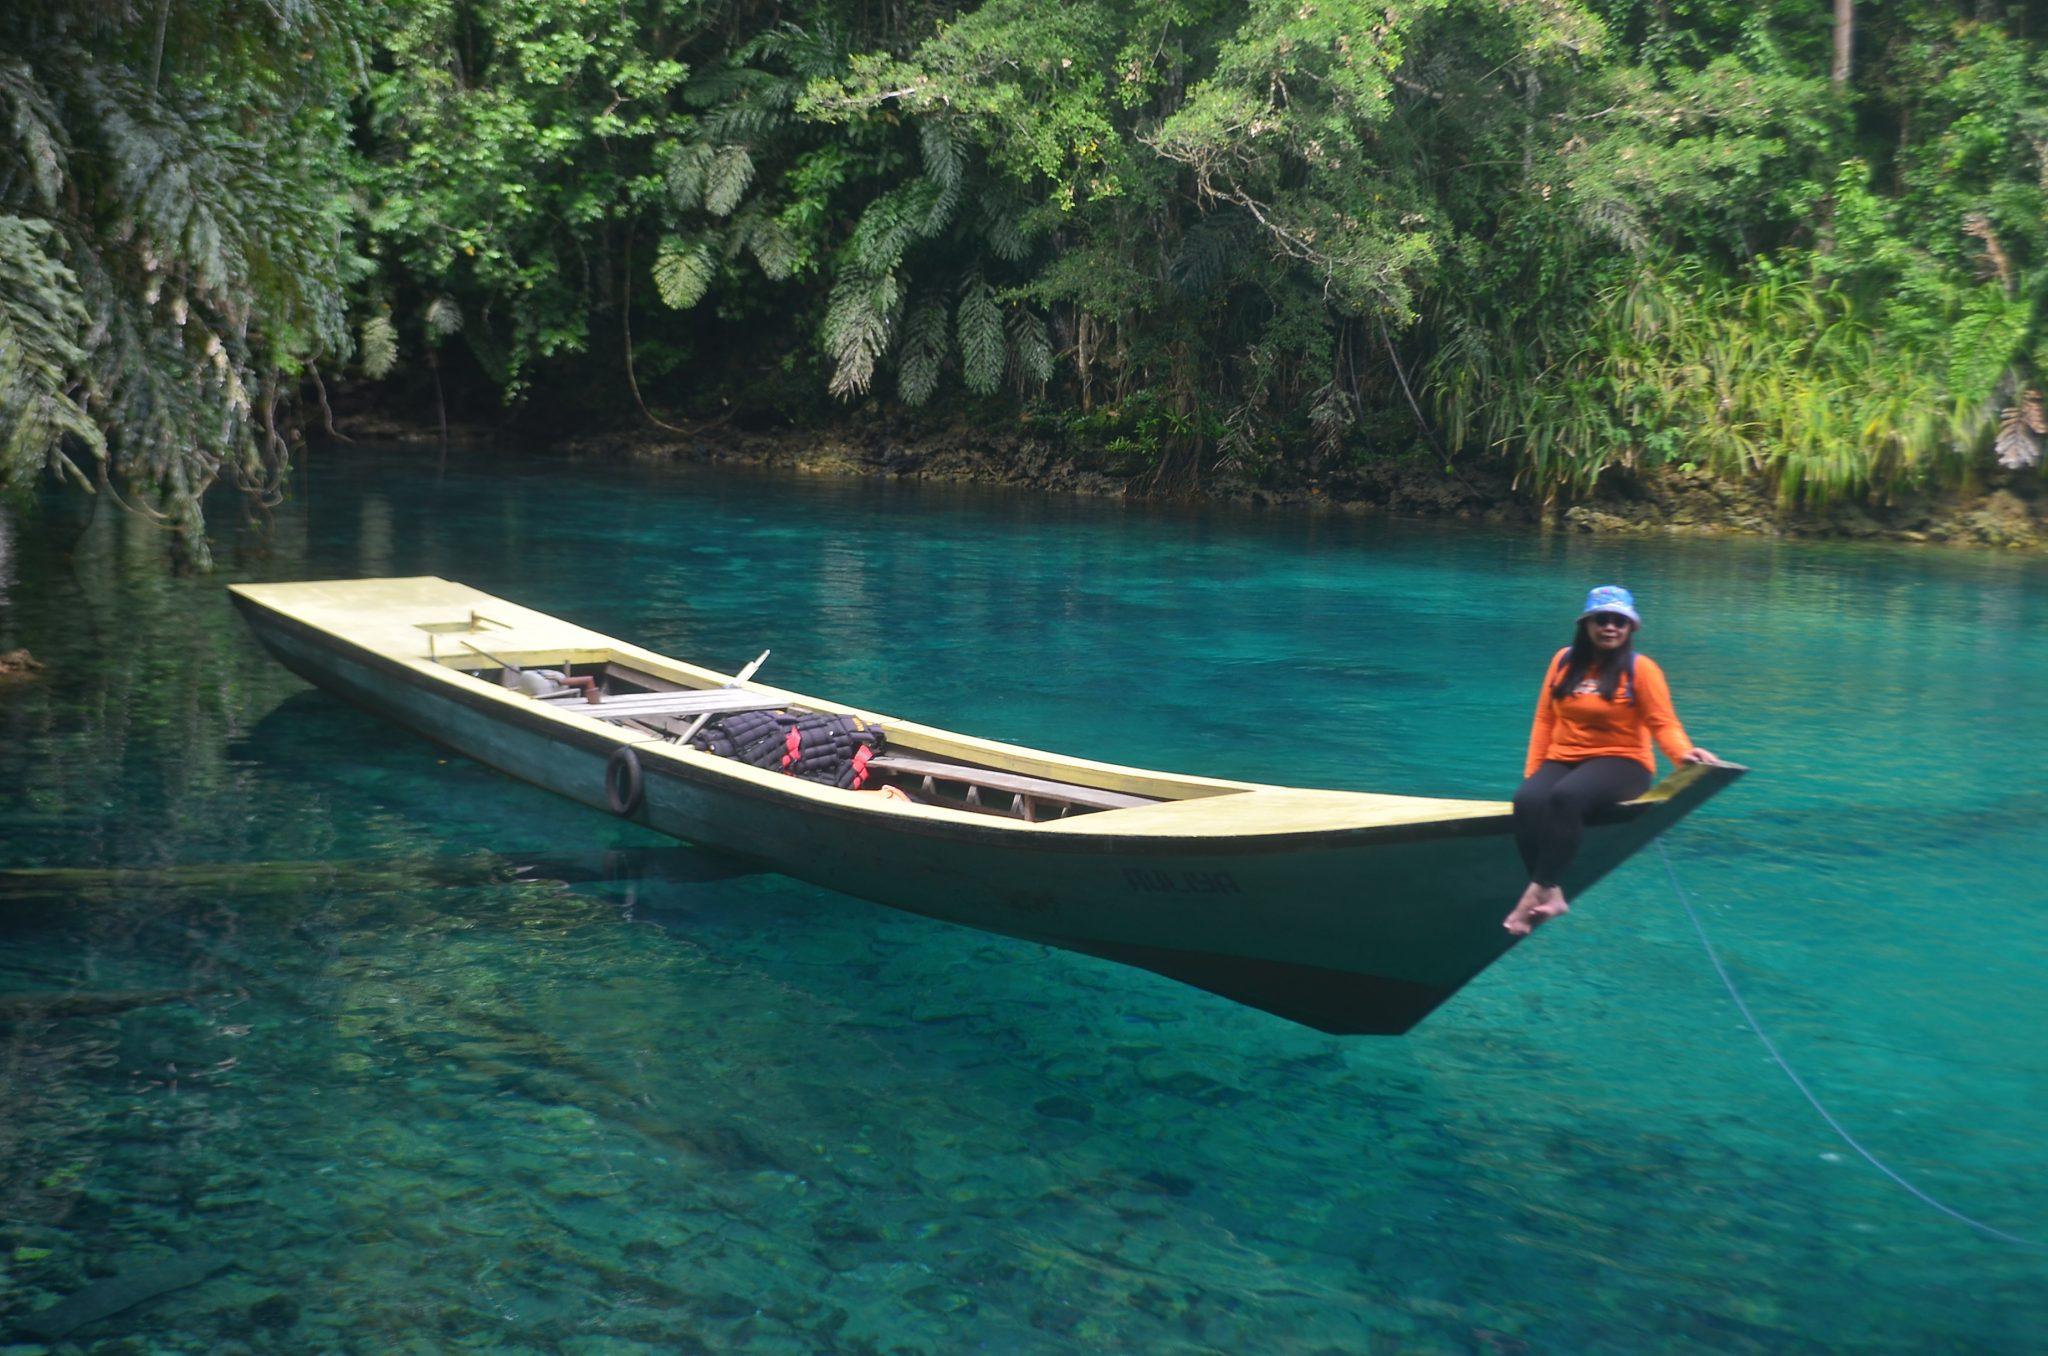 Photo of Bukan Hanya Pacar Yang Bisa Mencuri Perhatian, Tapi Kepulauan Derawan Juga